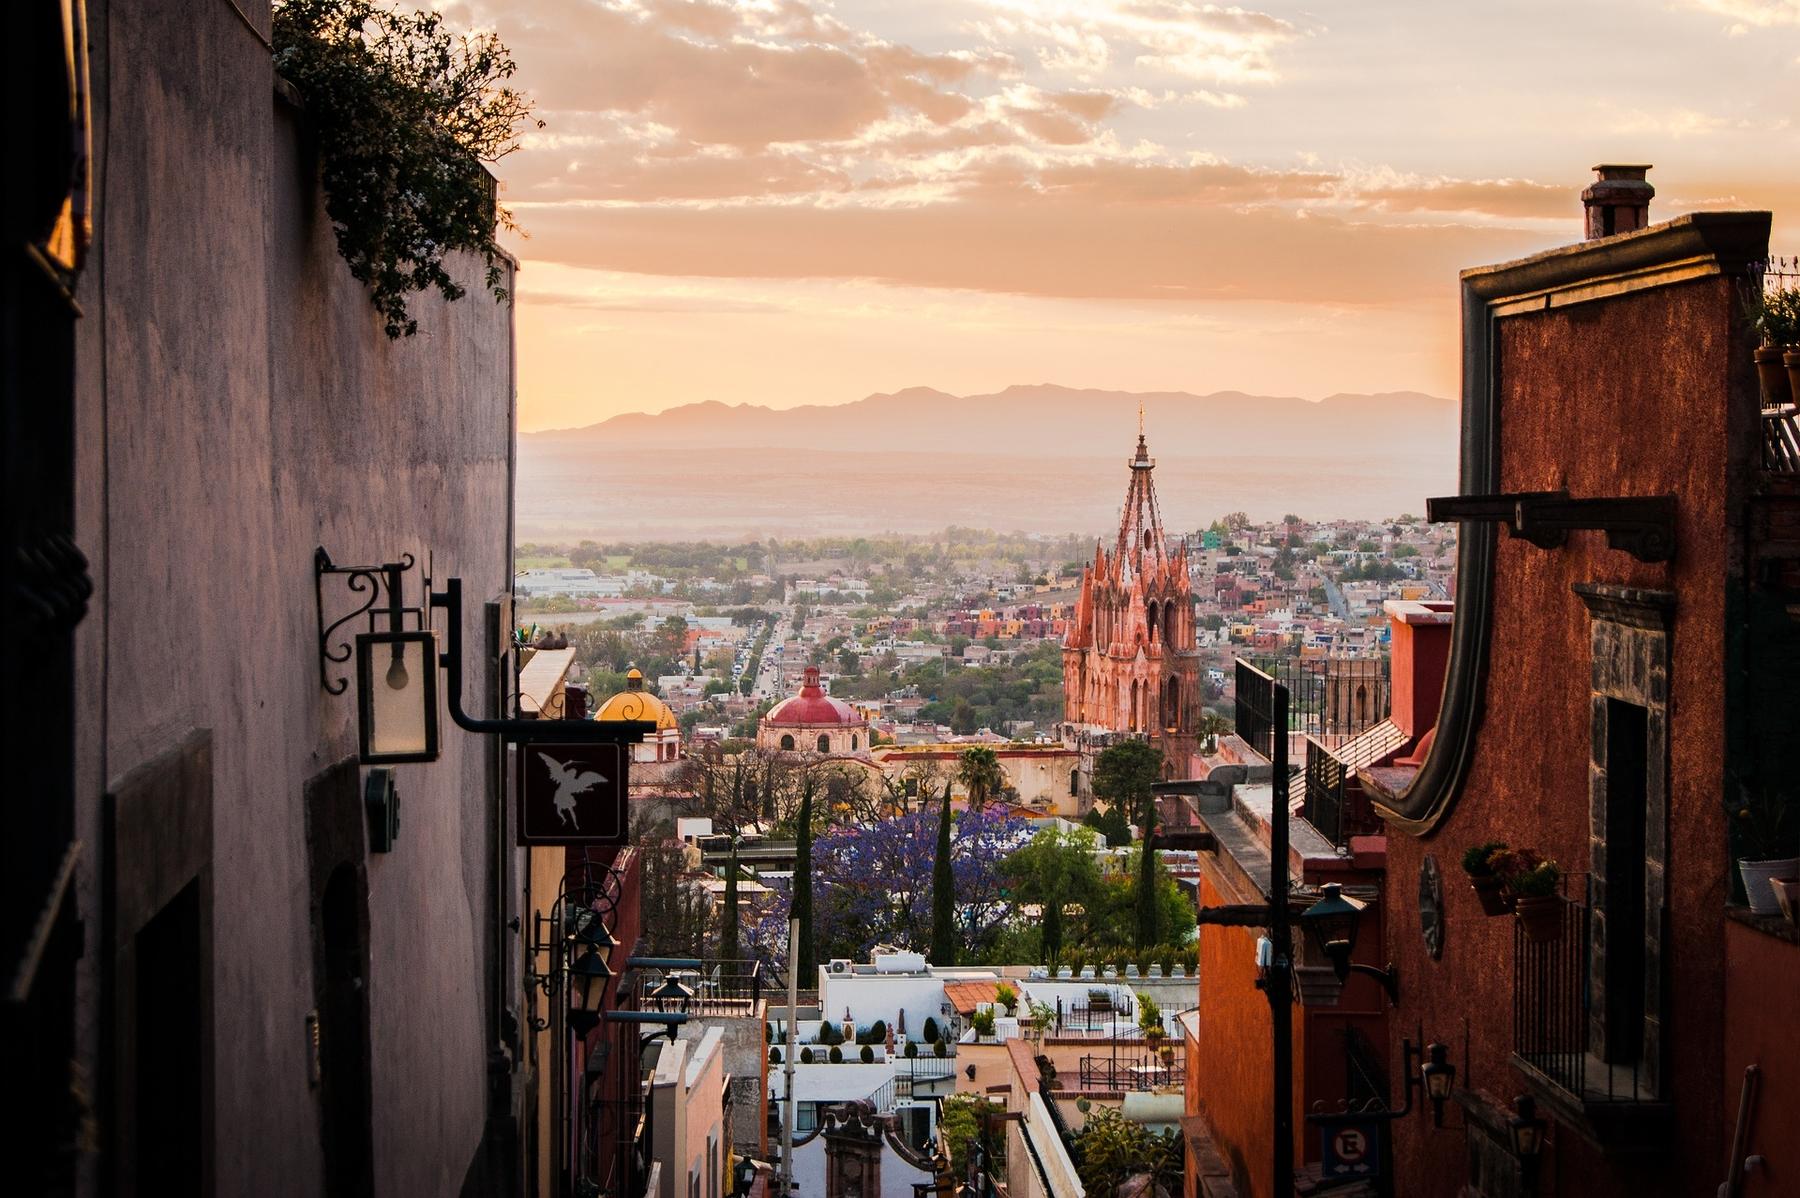 Viaggio a  lungo termine - San Miguel de Allende - Messico